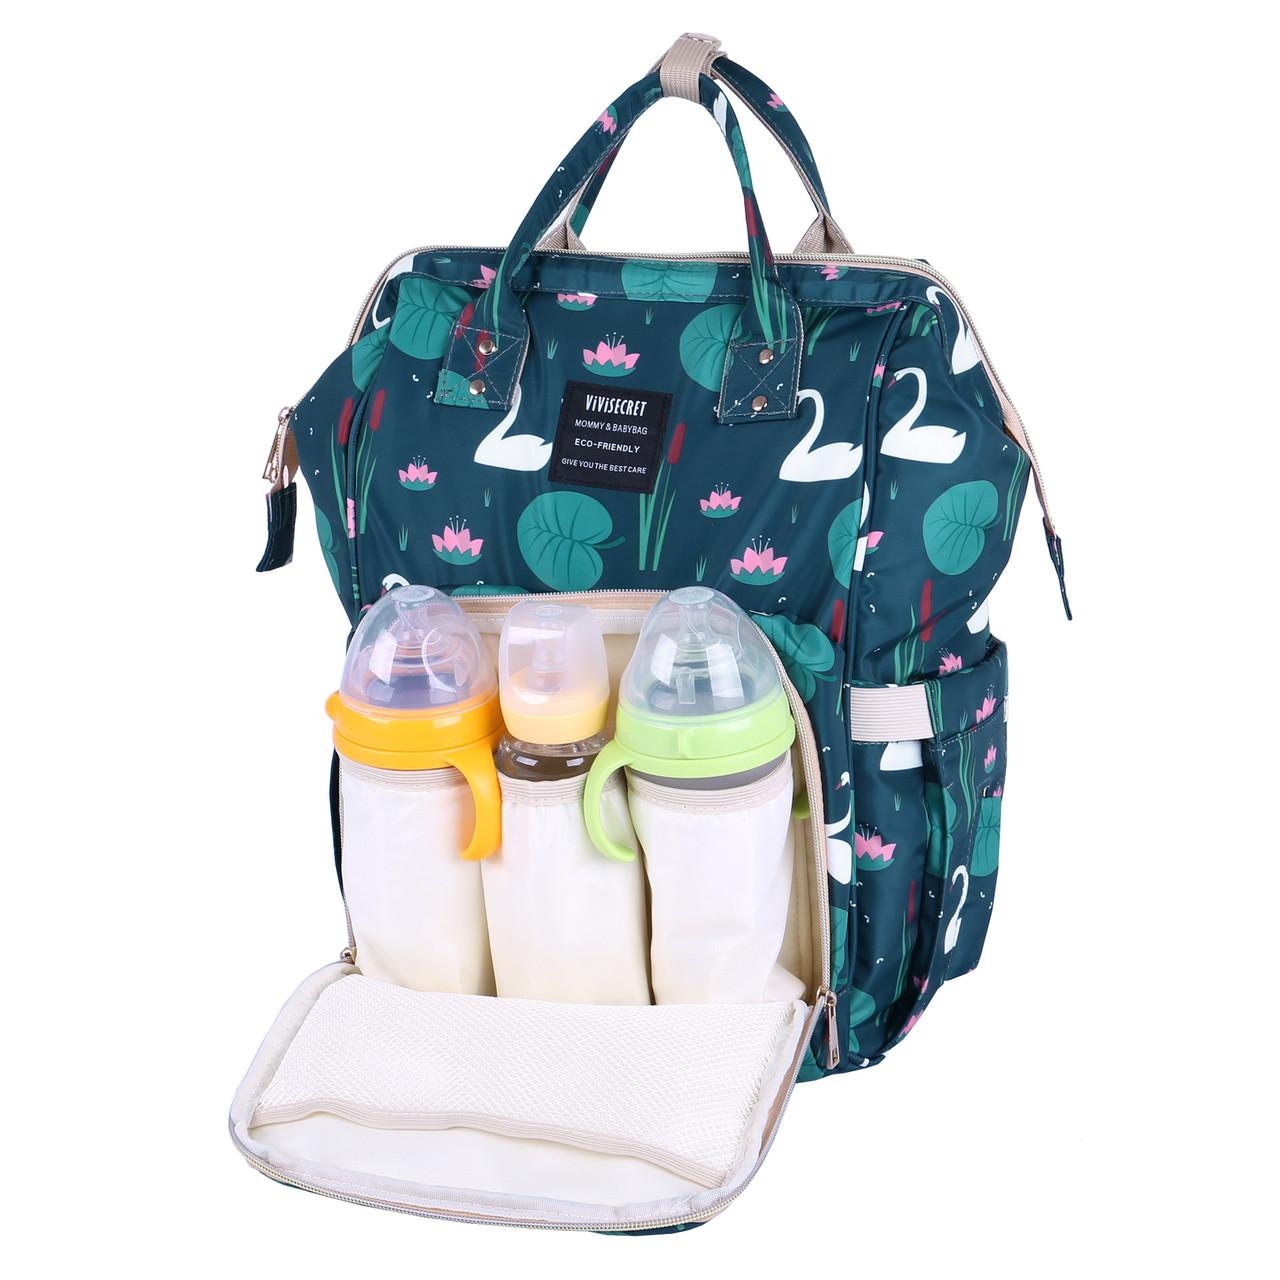 79a9b46749d9 Желтая сумка - органайзер для мамы : продажа, цена в Запорожье ...